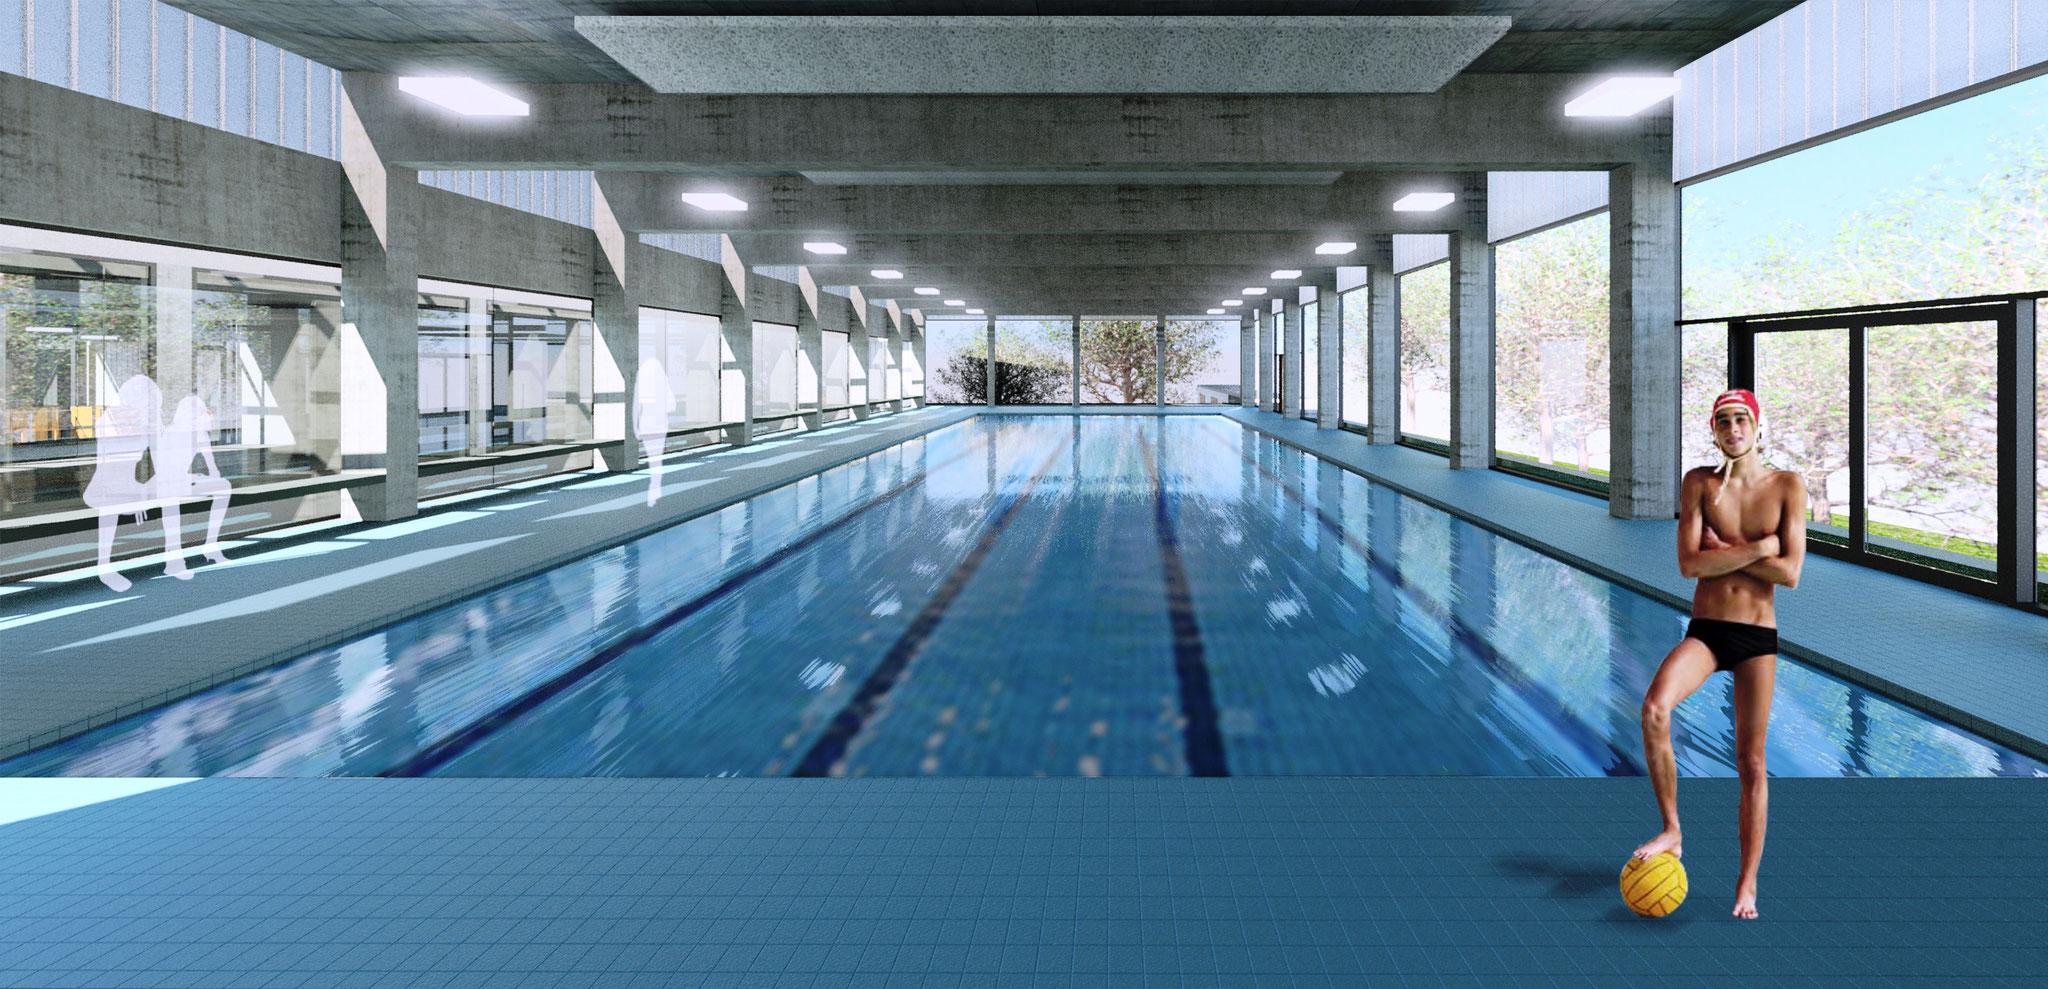 Sportzentrum Berg - Schwimmhalle